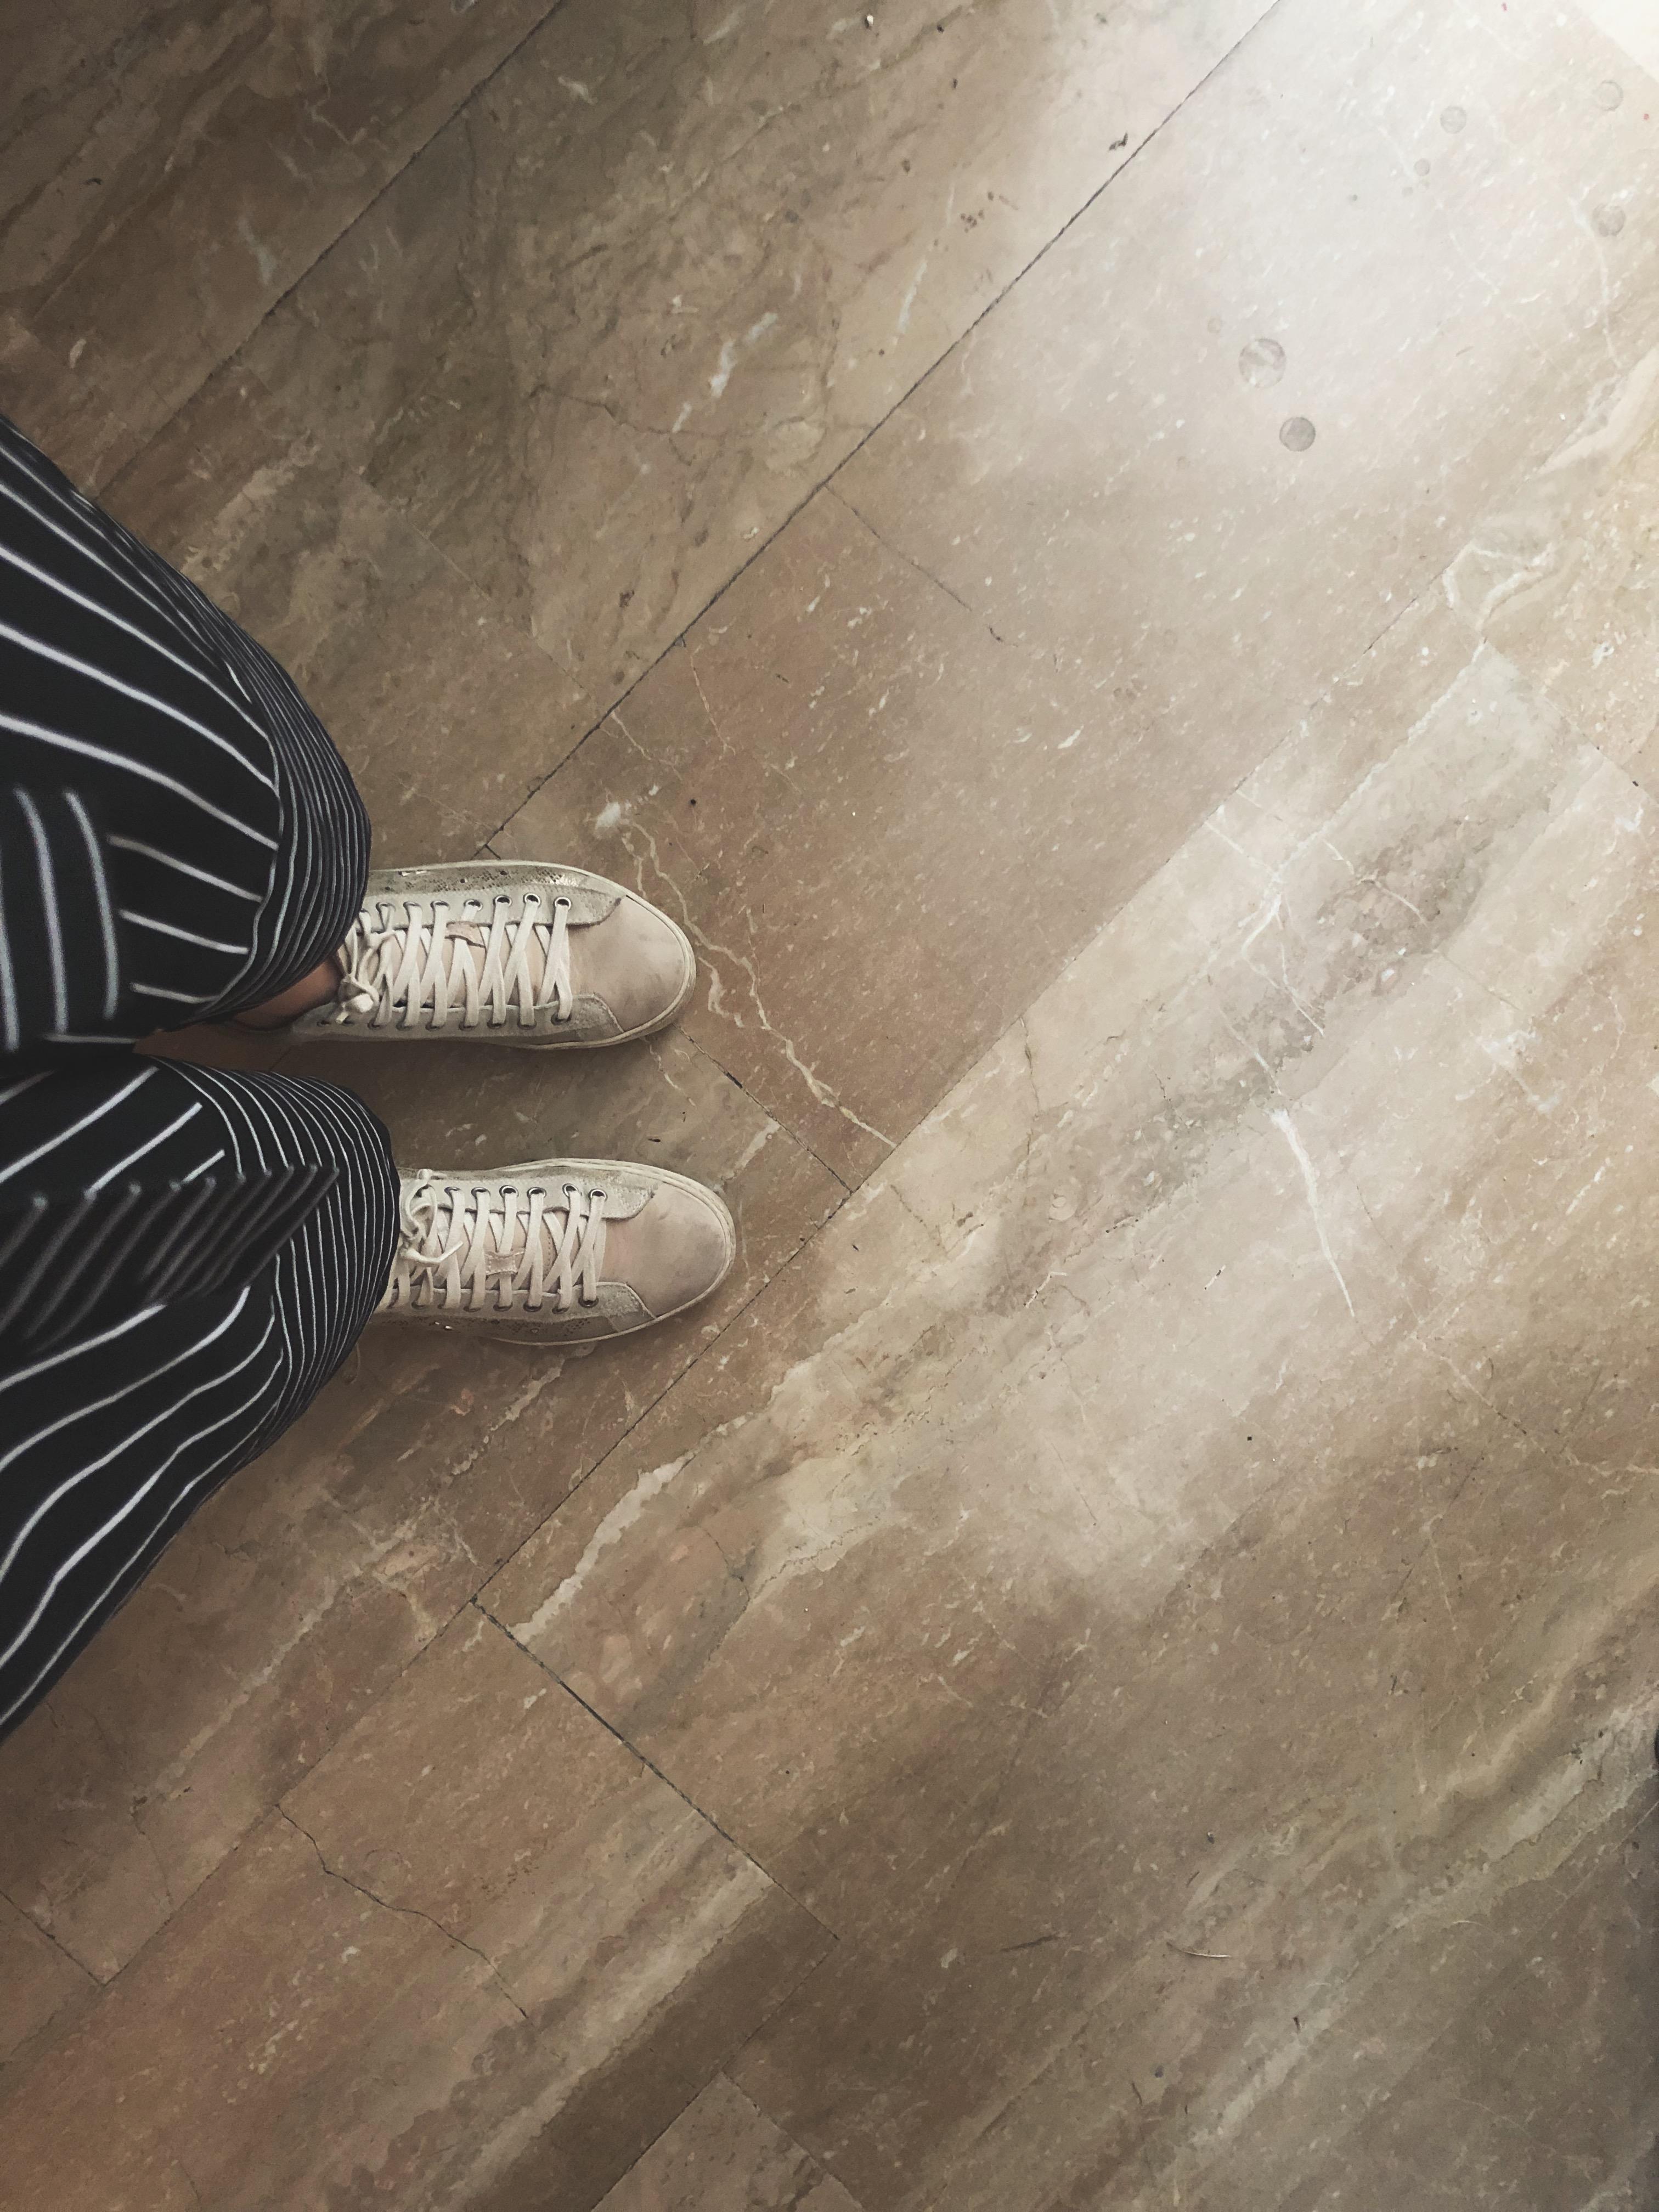 About Home - Inside ABHome: com'è ora e come sarà la nostra casa | Pavimenti marmo | About Beauty